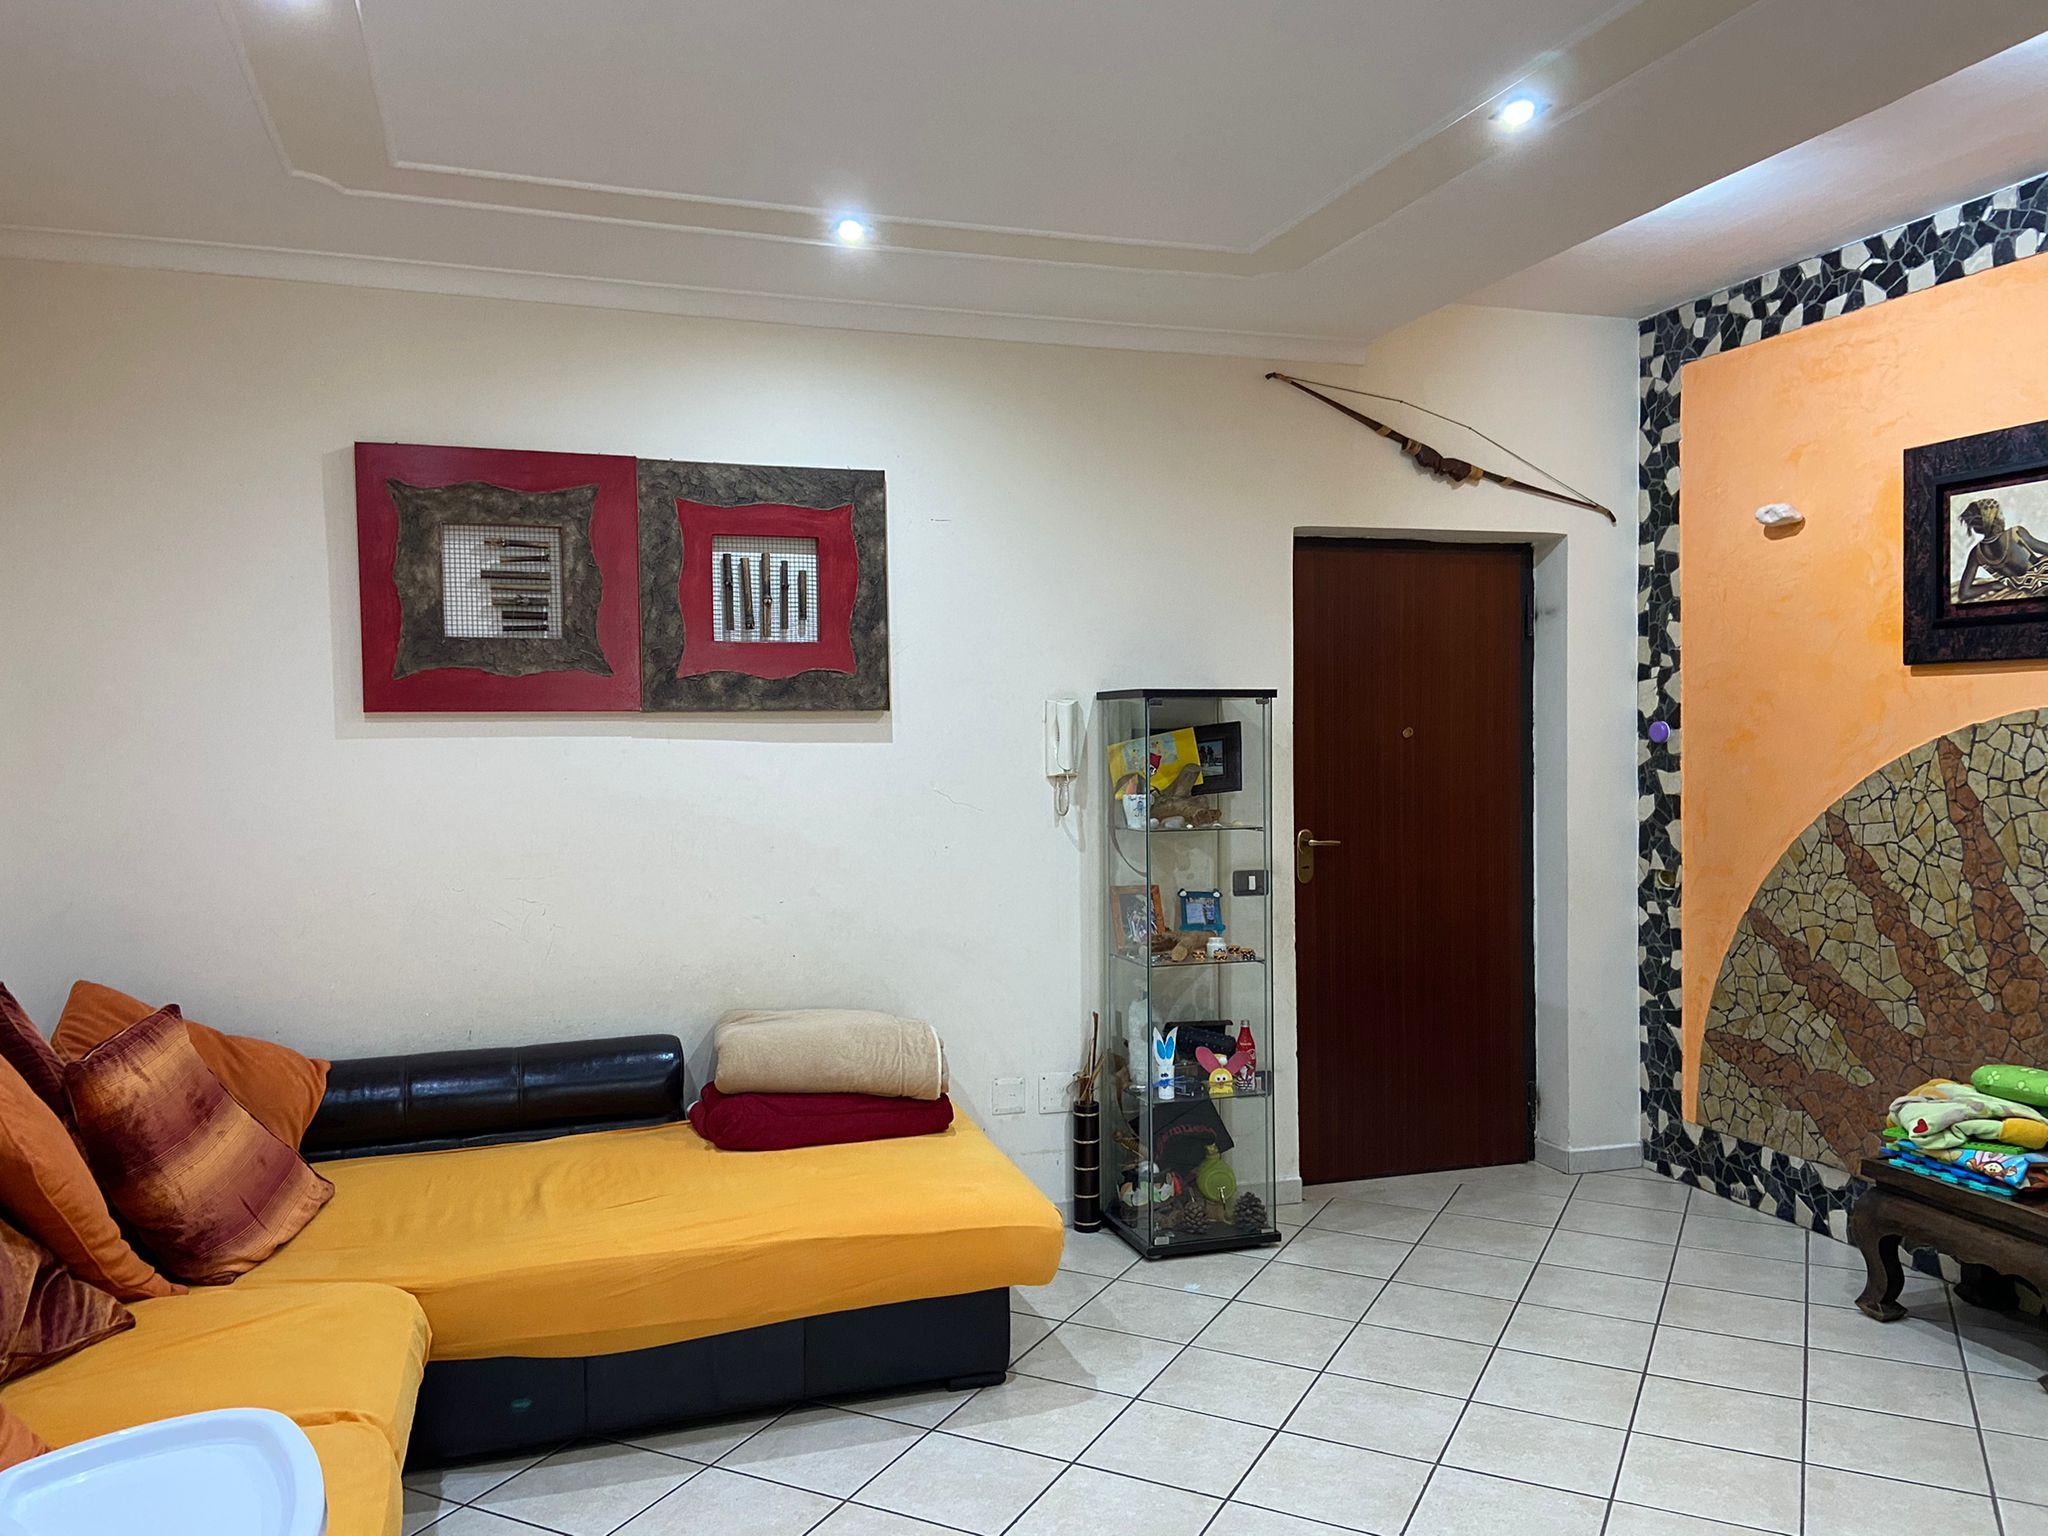 APPARTAMENTO 90 MQ IN PARCO Varcaturo-Via Domitiana Rif 37465